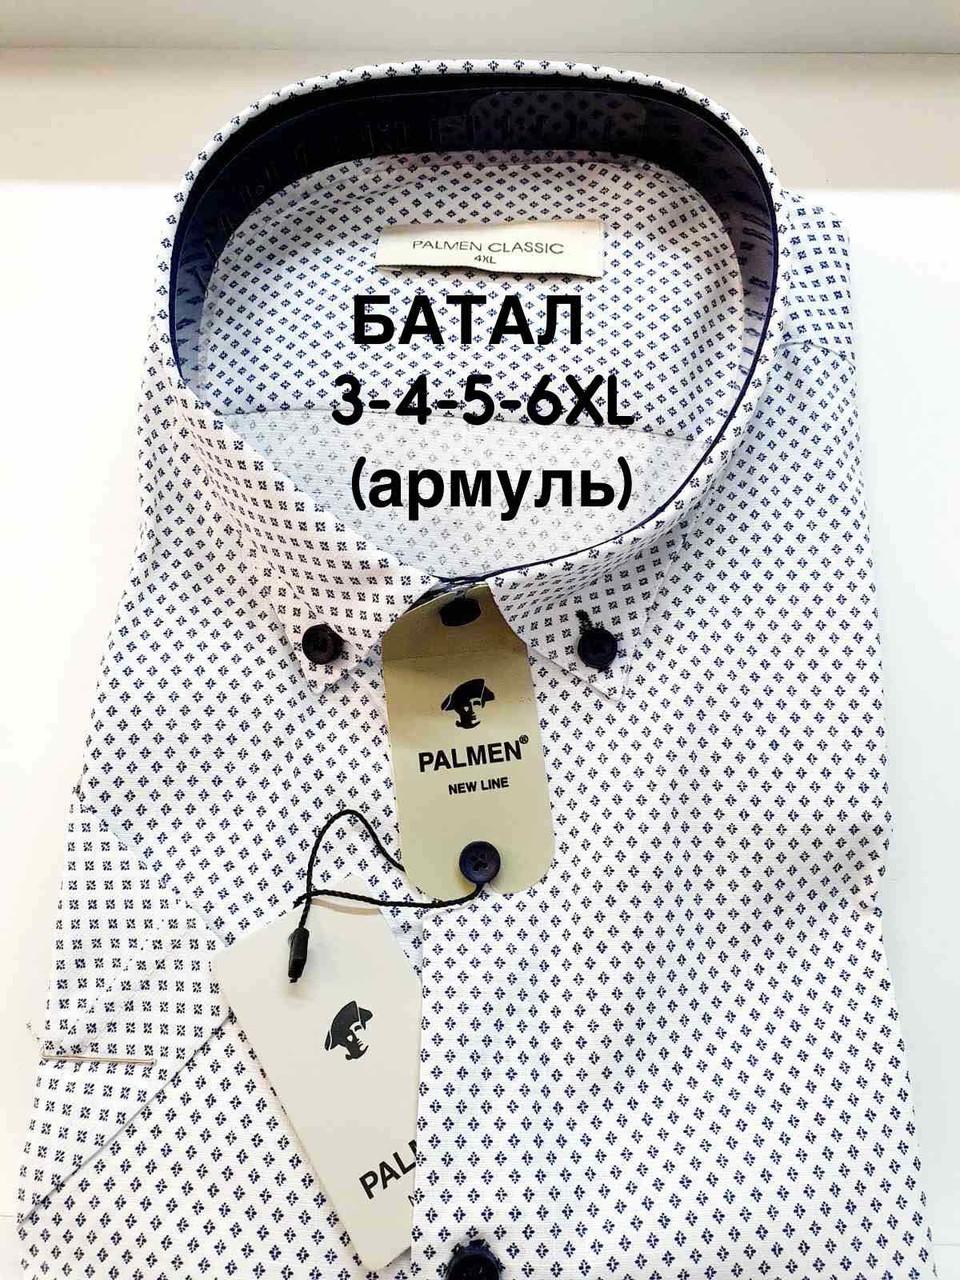 Батальна сорочка короткий рукав Palmen армуль